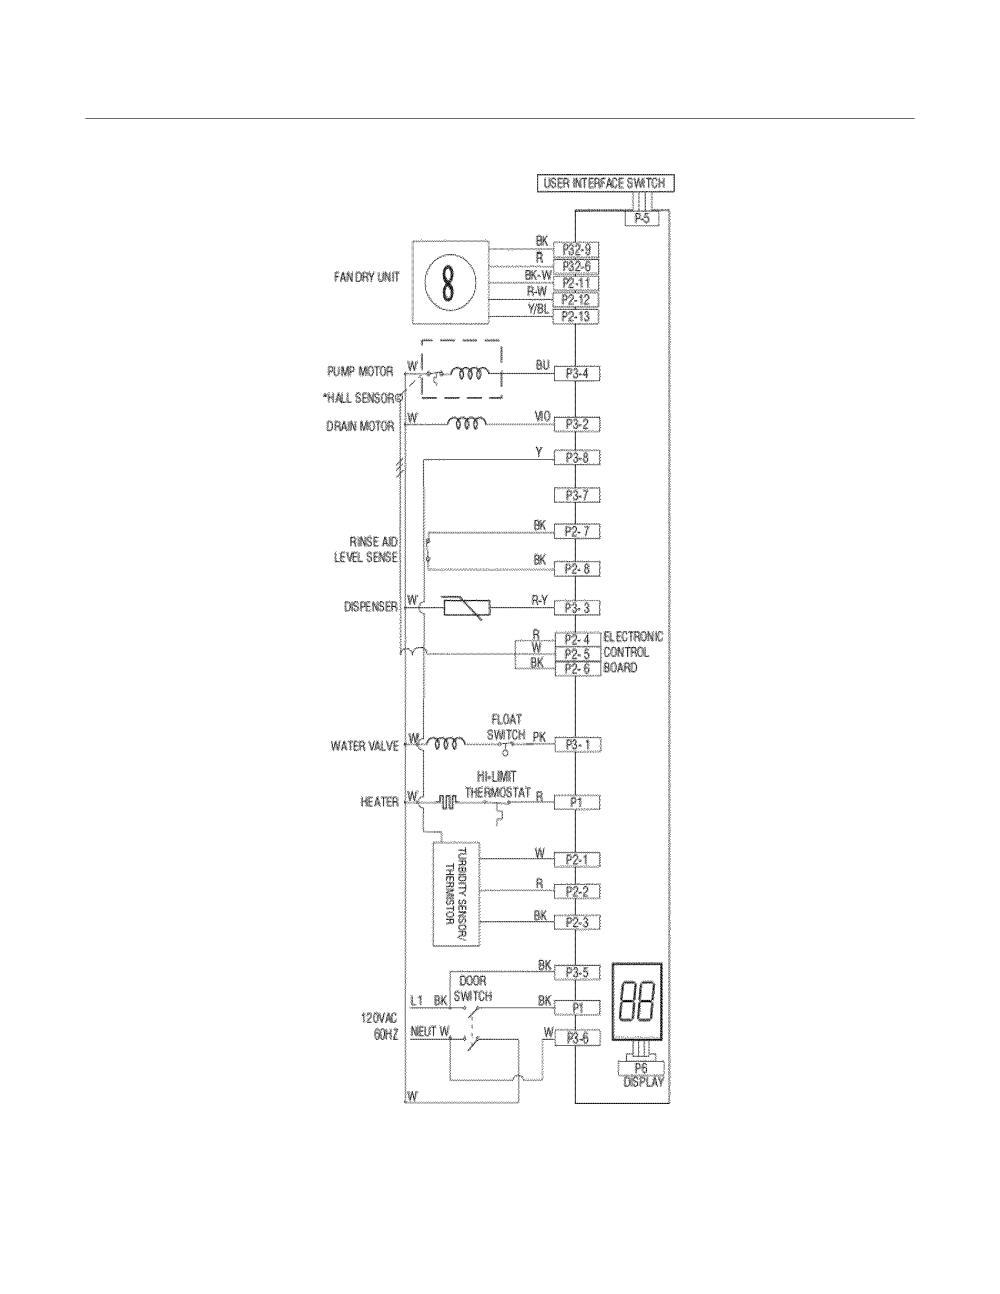 medium resolution of frigidaire fghd2465nw1a wiring diagram diagram